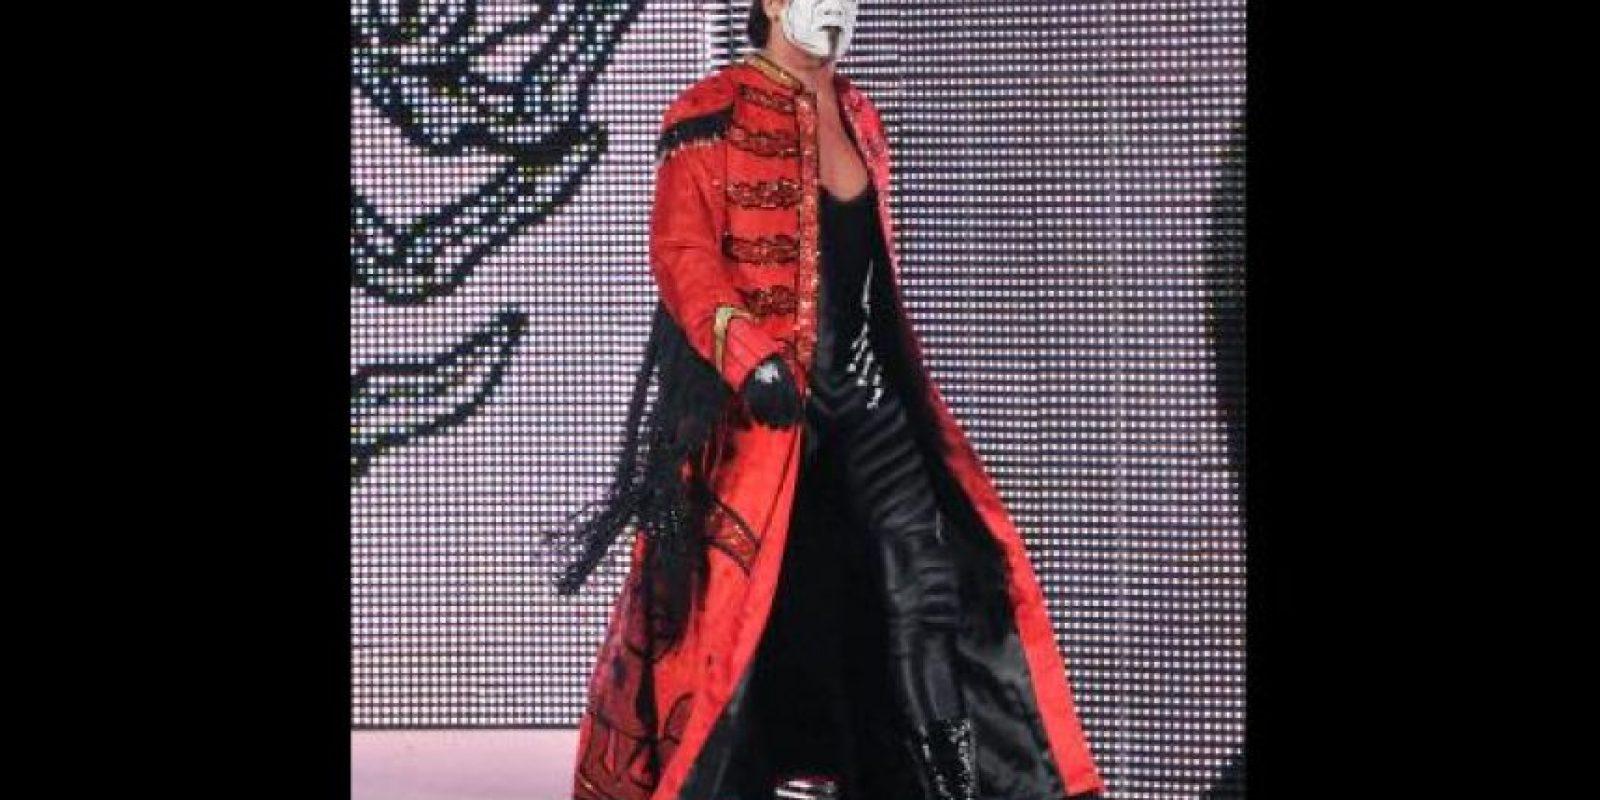 """El """"Ícono"""" se lesionó en una pelea contra Seth Rollins y necesita una cirugía que lo mantendrá fuera por un año. A sus 56 años se pronostica complicado su retorno Foto:WWE"""